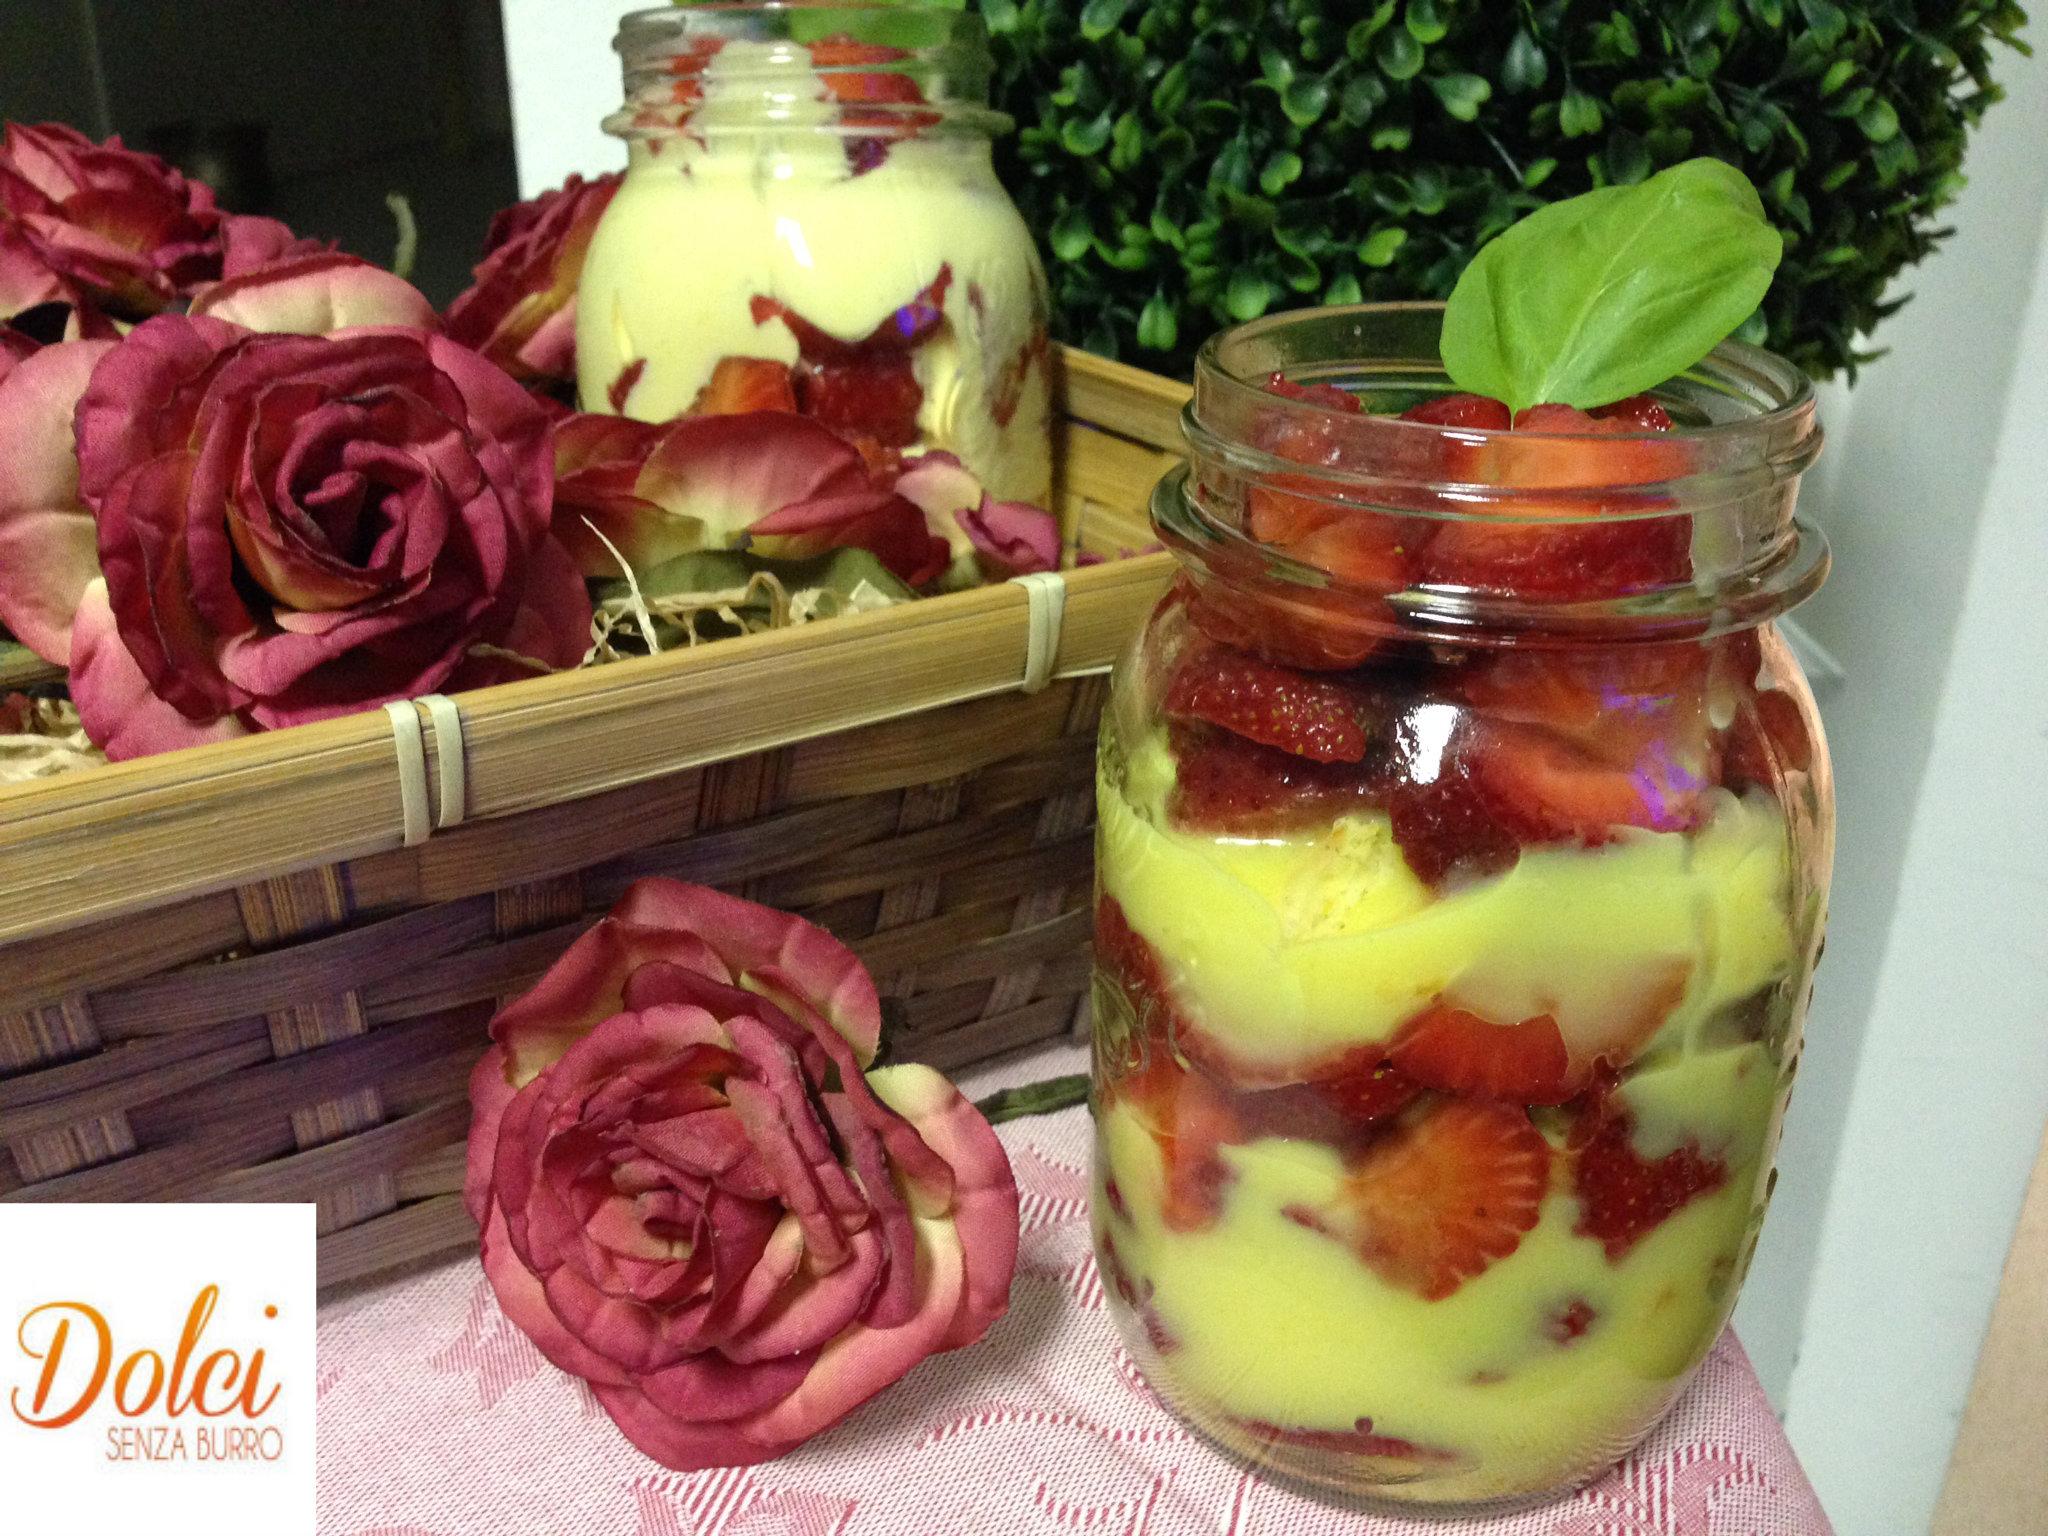 Bicchieri Dolci con Fragole, il dolce senza lattosio e glutine nel bicchiere di Dolci Senza Burro